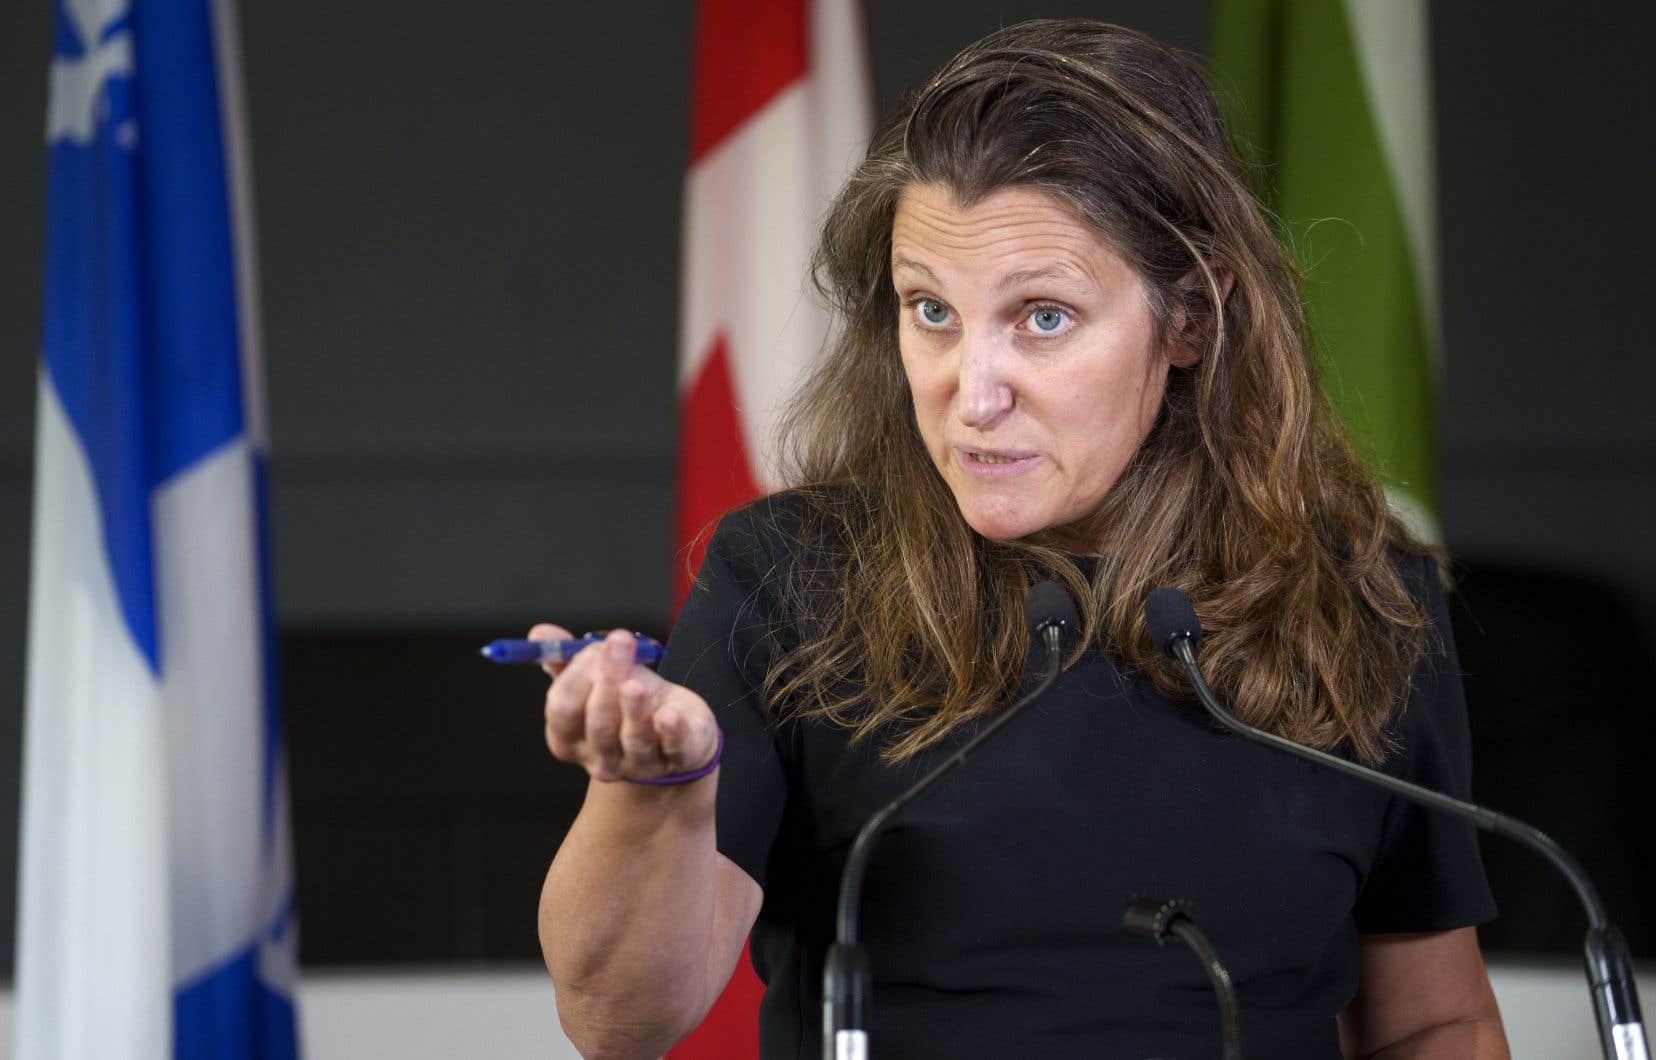 De passage à Boisbriand, la vice-première ministre a affirmé qu'il est «évident que le Canada a une obligation morale en ce qui concerne les traducteurs qui aujourd'hui sont peut-être en danger à cause de leur travail pour nous, pour notre pays».